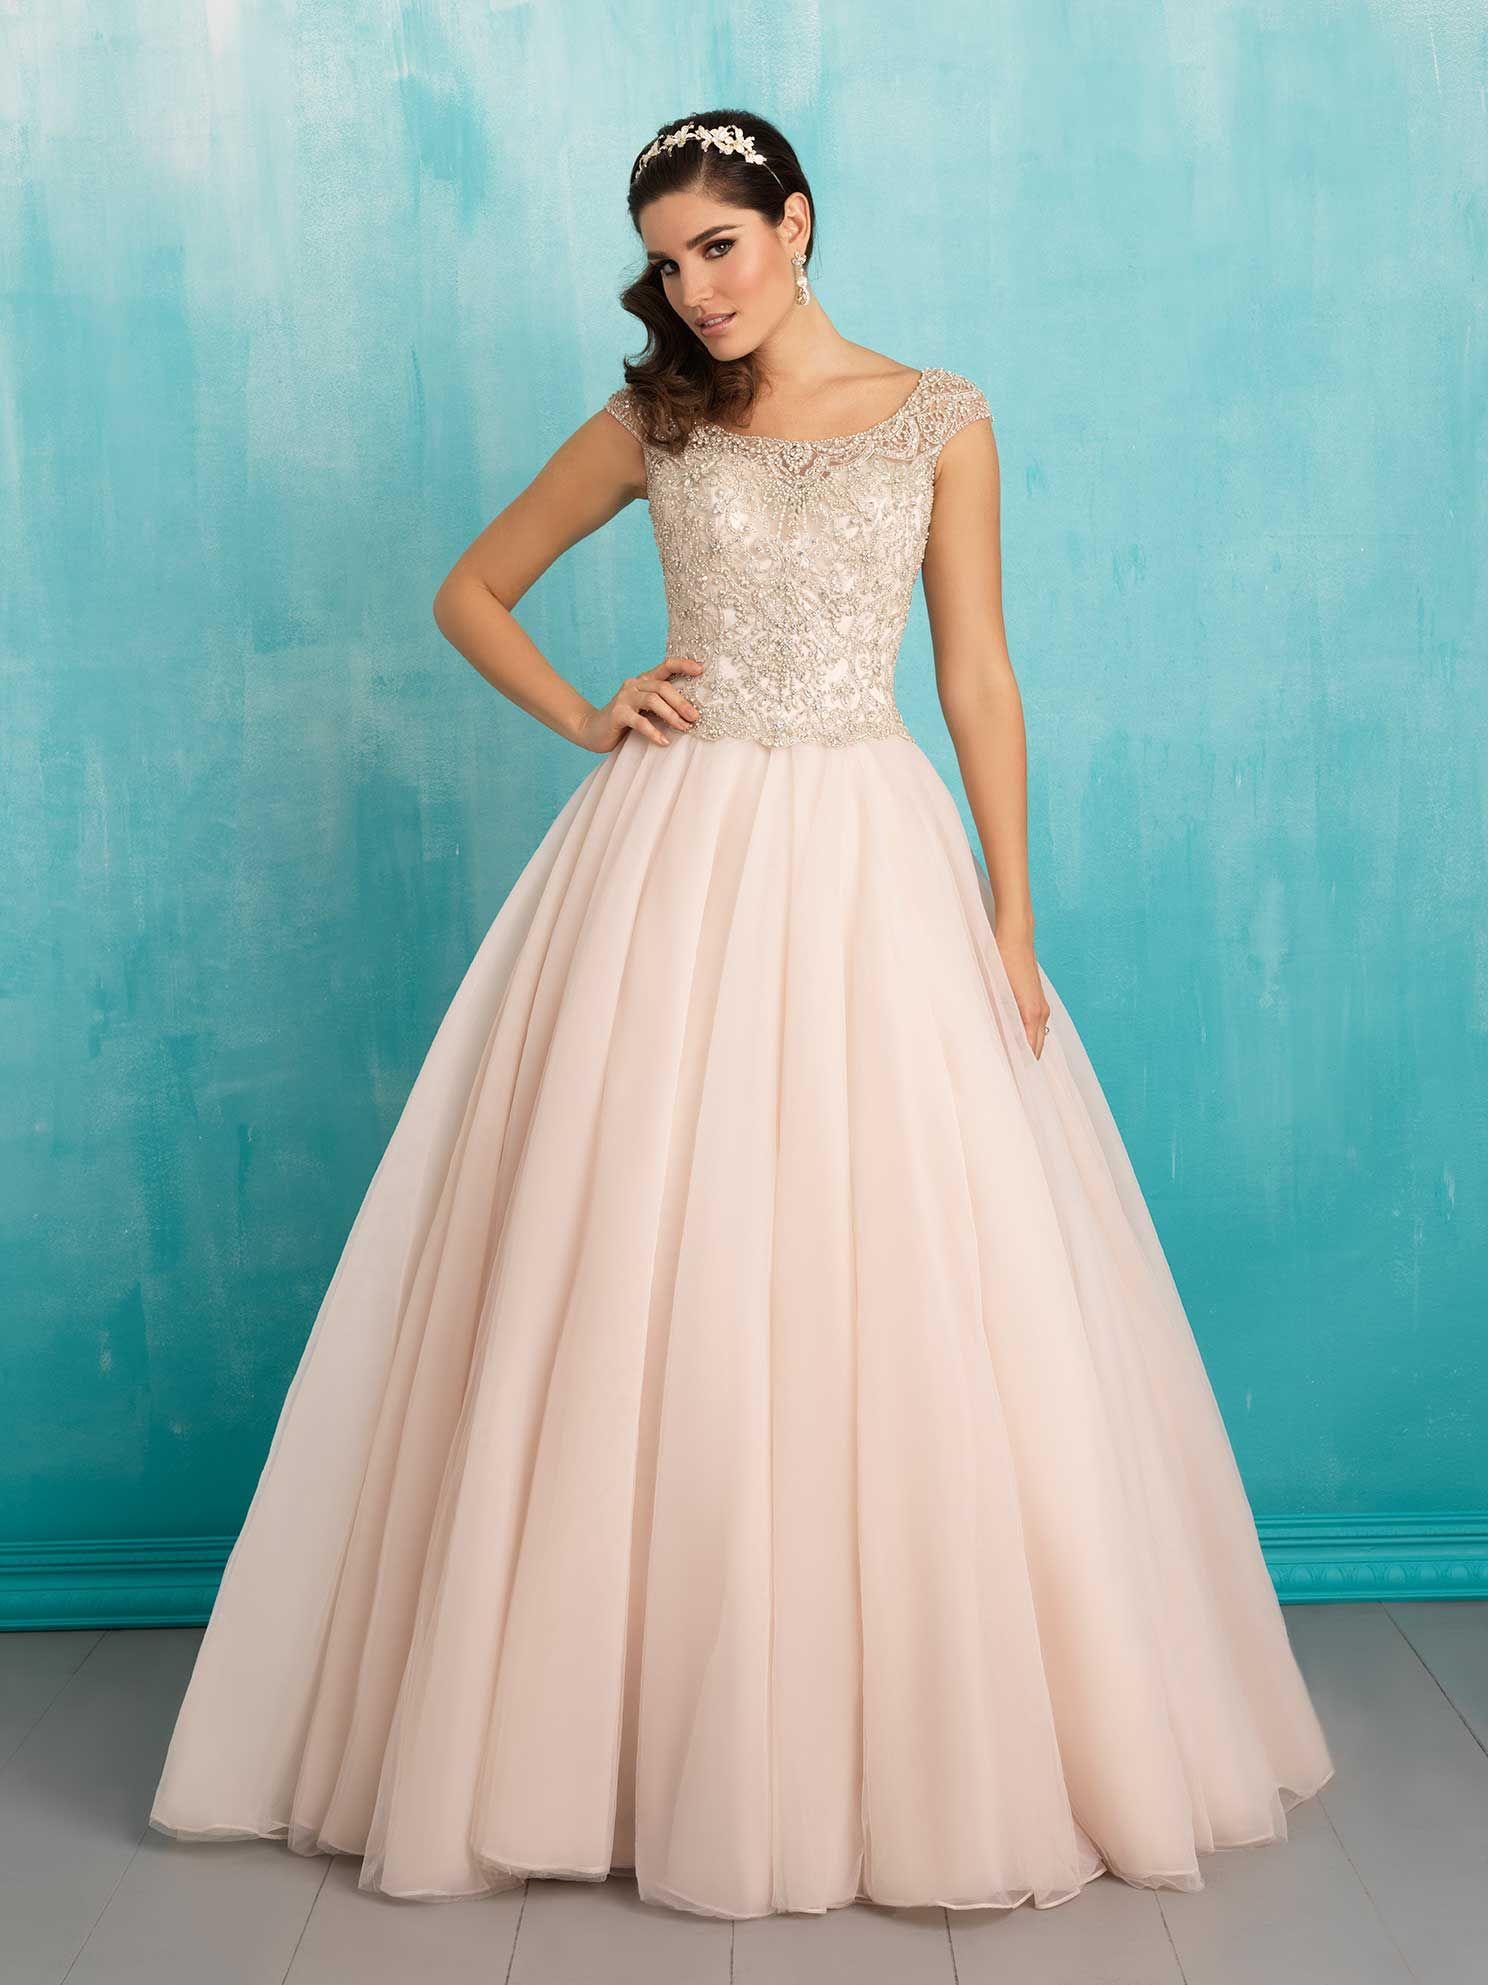 Vestidos para novia - La mejor selección en color | Tul, Falda y Novios